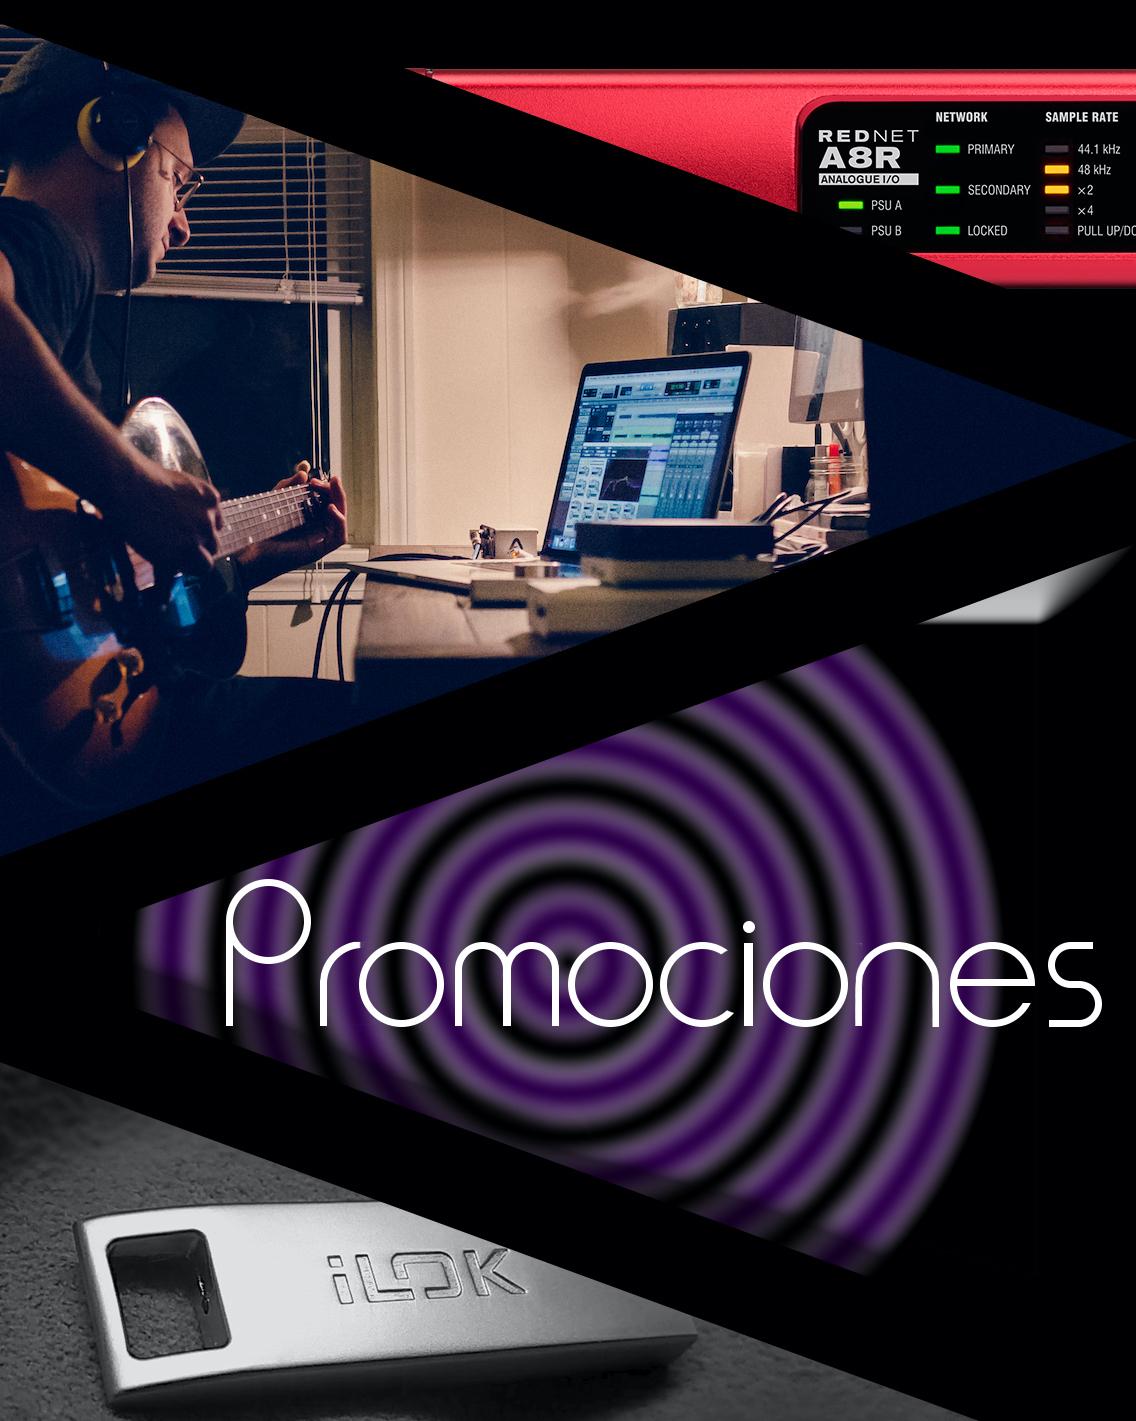 PROMO_A